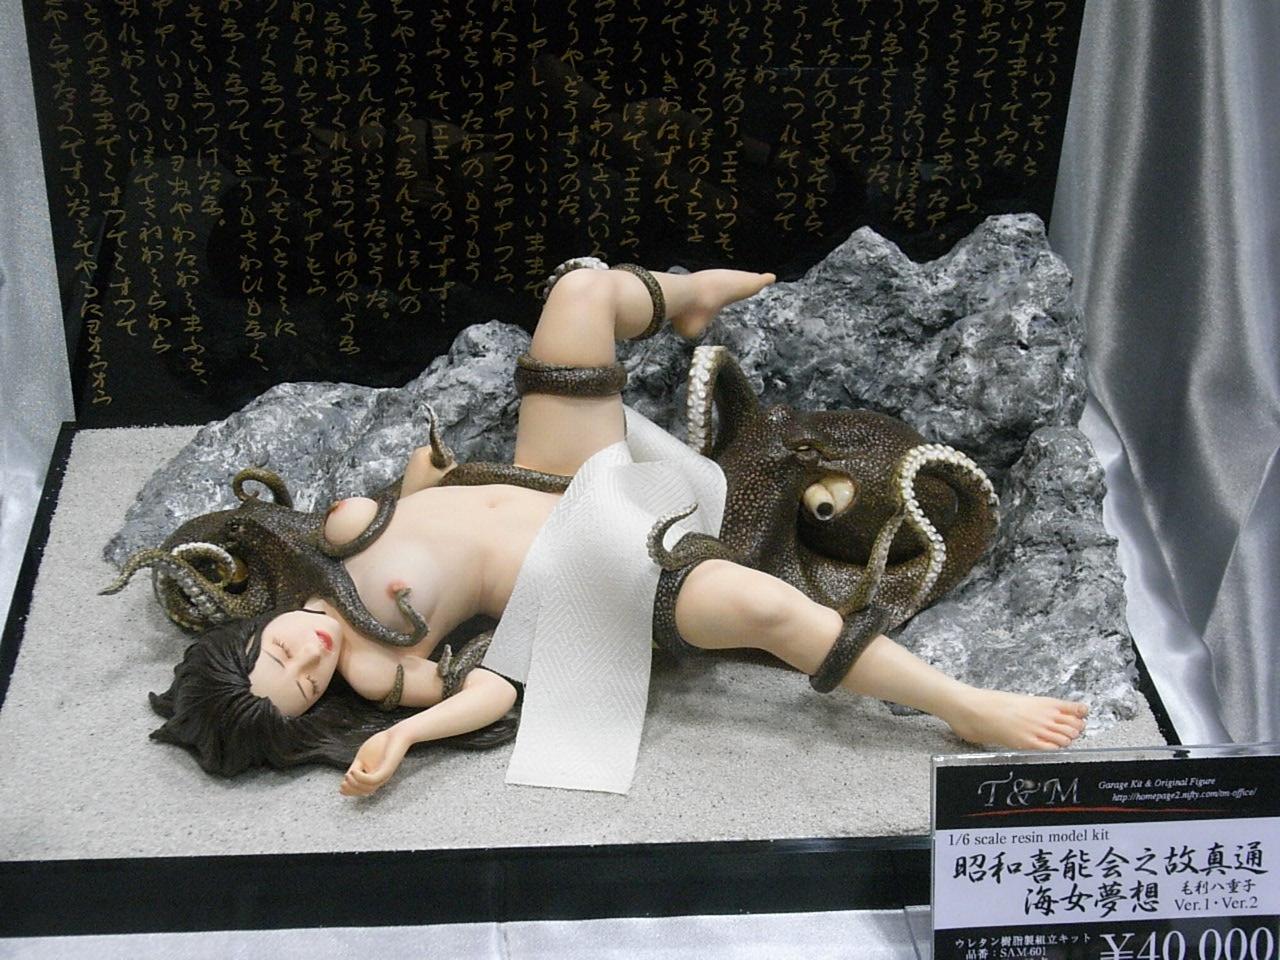 Хентай с осьминогами картинки 2 фотография